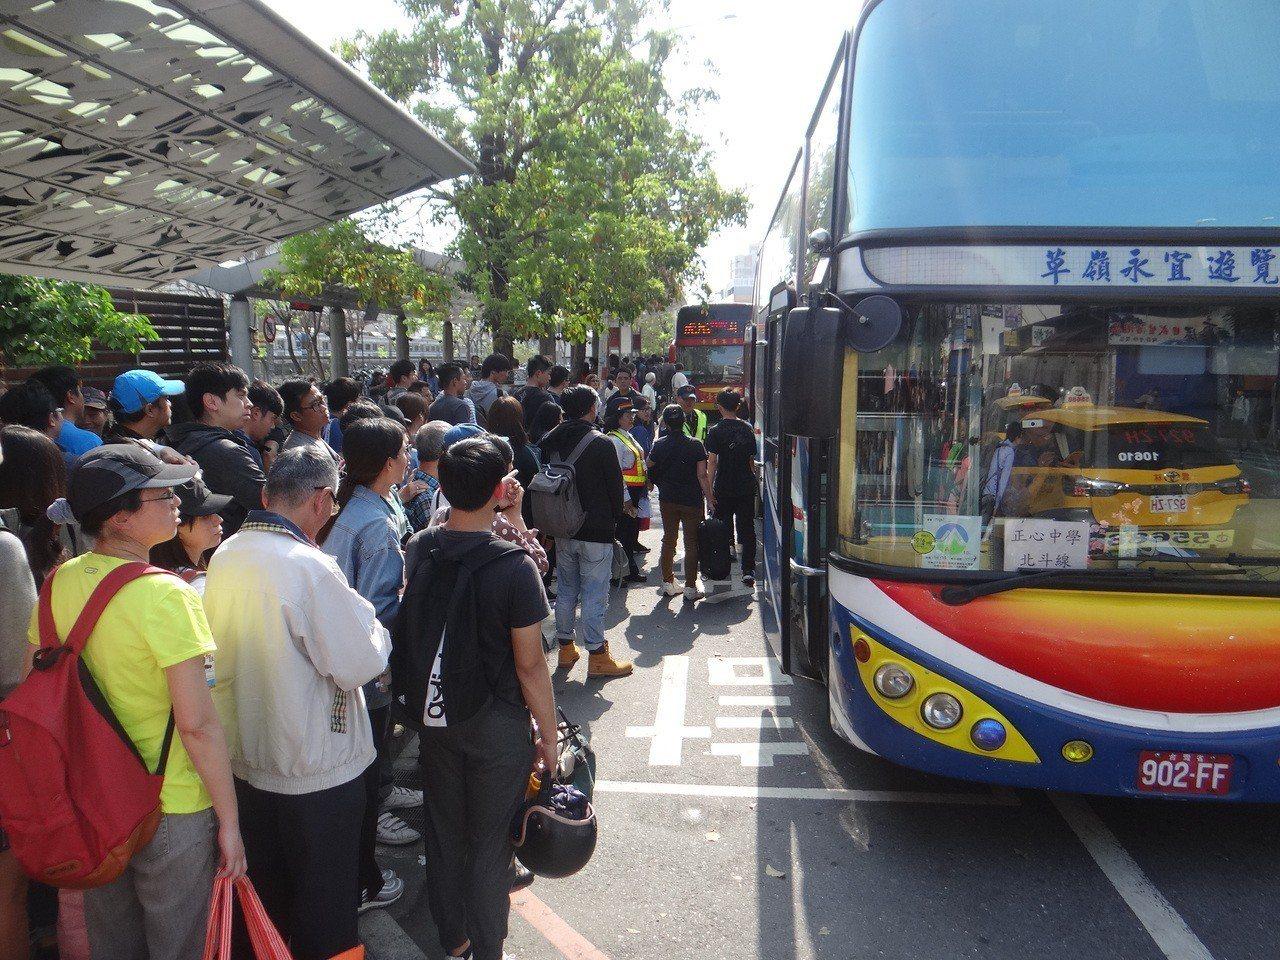 數千名旅客被迫在斗六火車站下車再搭接駁遊覽車到嘉義火車站,頂著大熱天等候接駁車的...